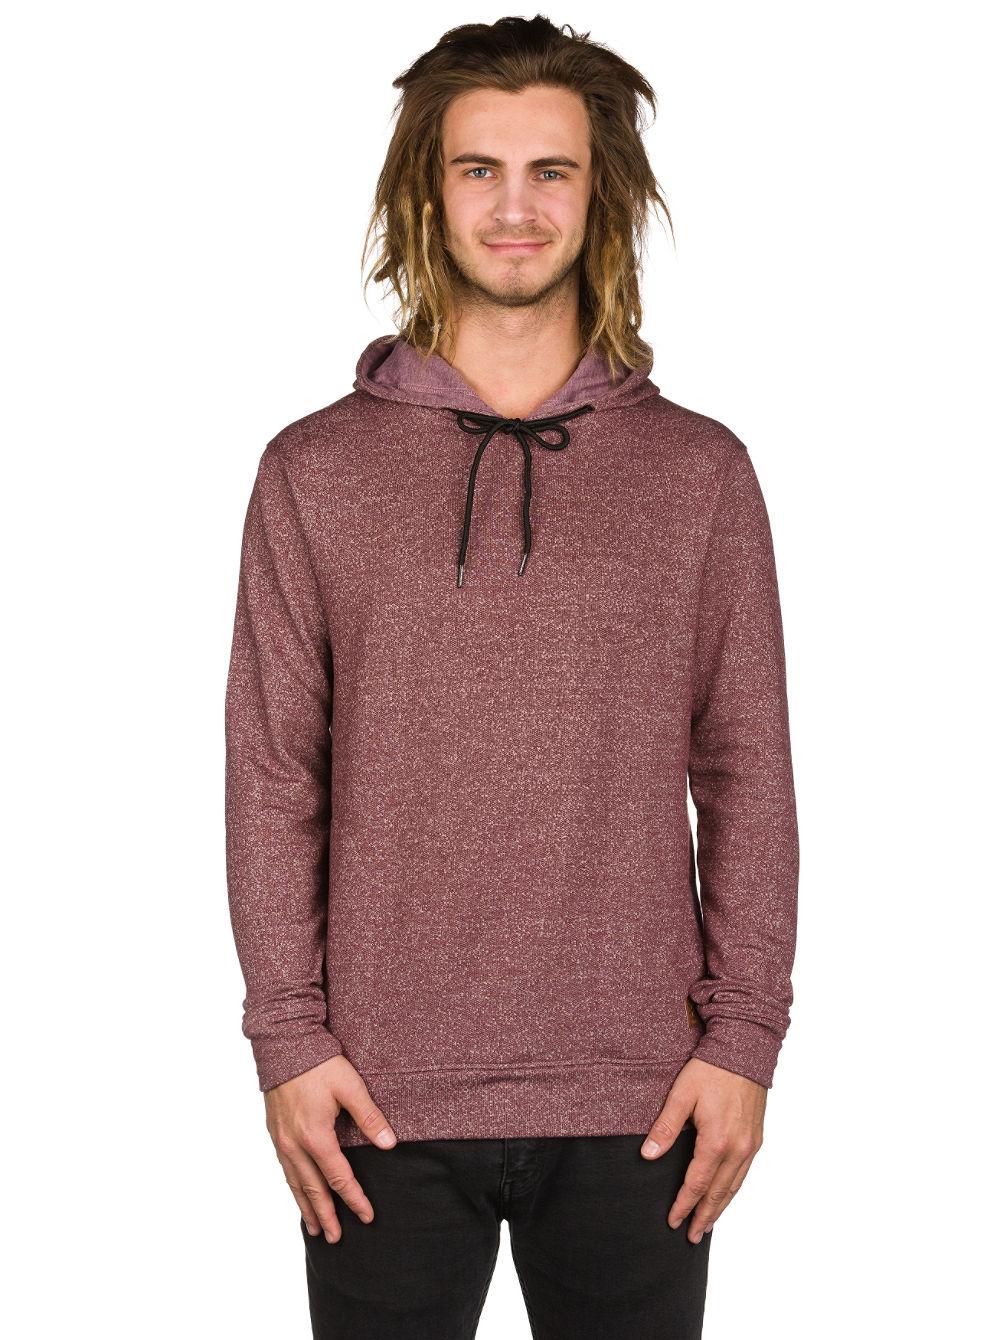 Blue pullover hoodie